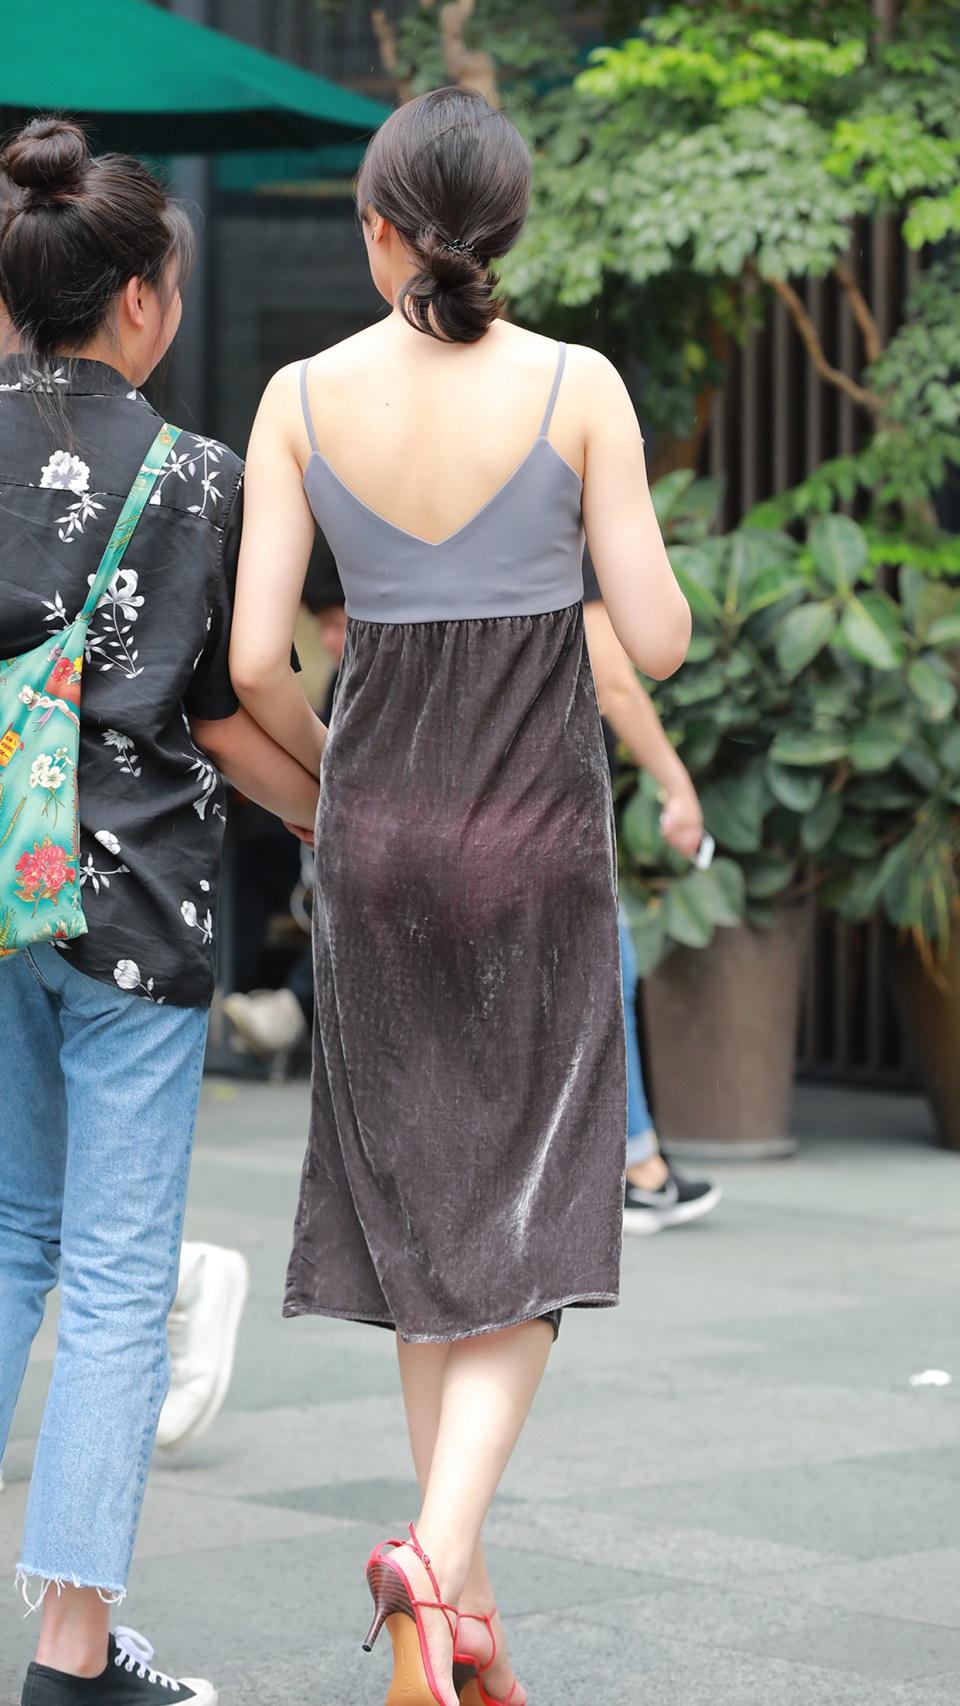 """Thảm họa váy bám chặt người, hằn nội y xuất hiện như """"nấm mọc sau mưa"""" trên đường phố - 5"""